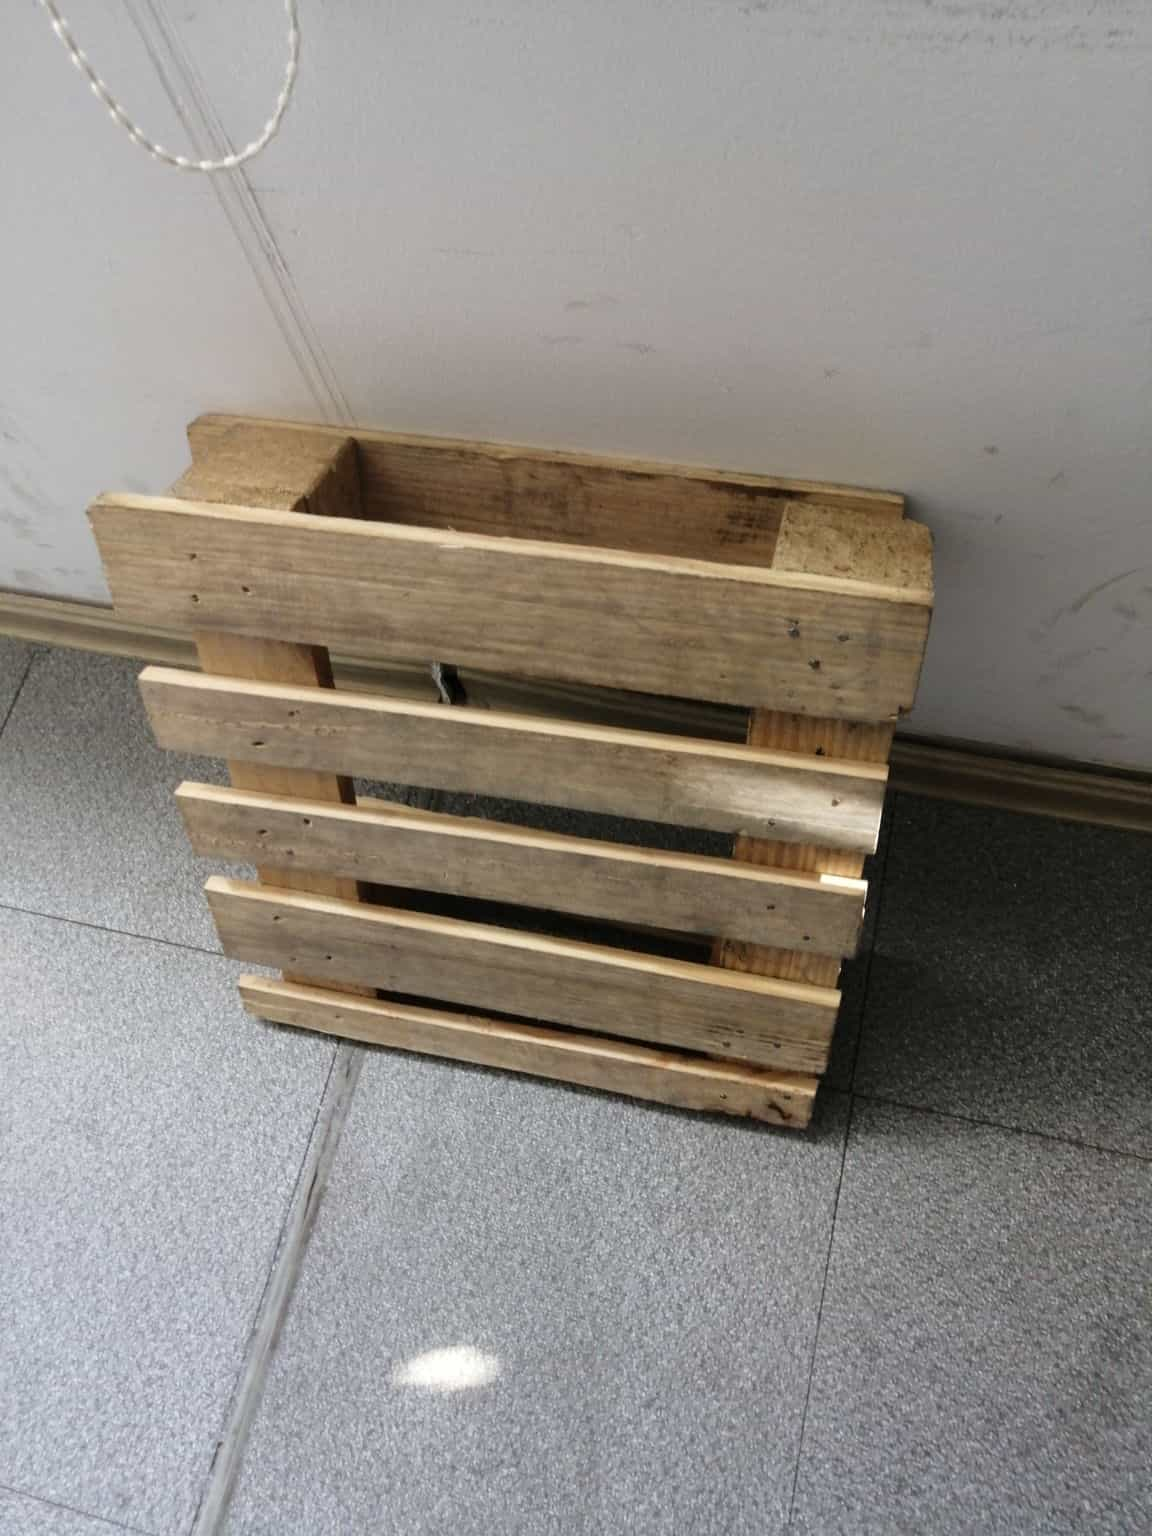 太平松木木托盘生产厂家这么说的